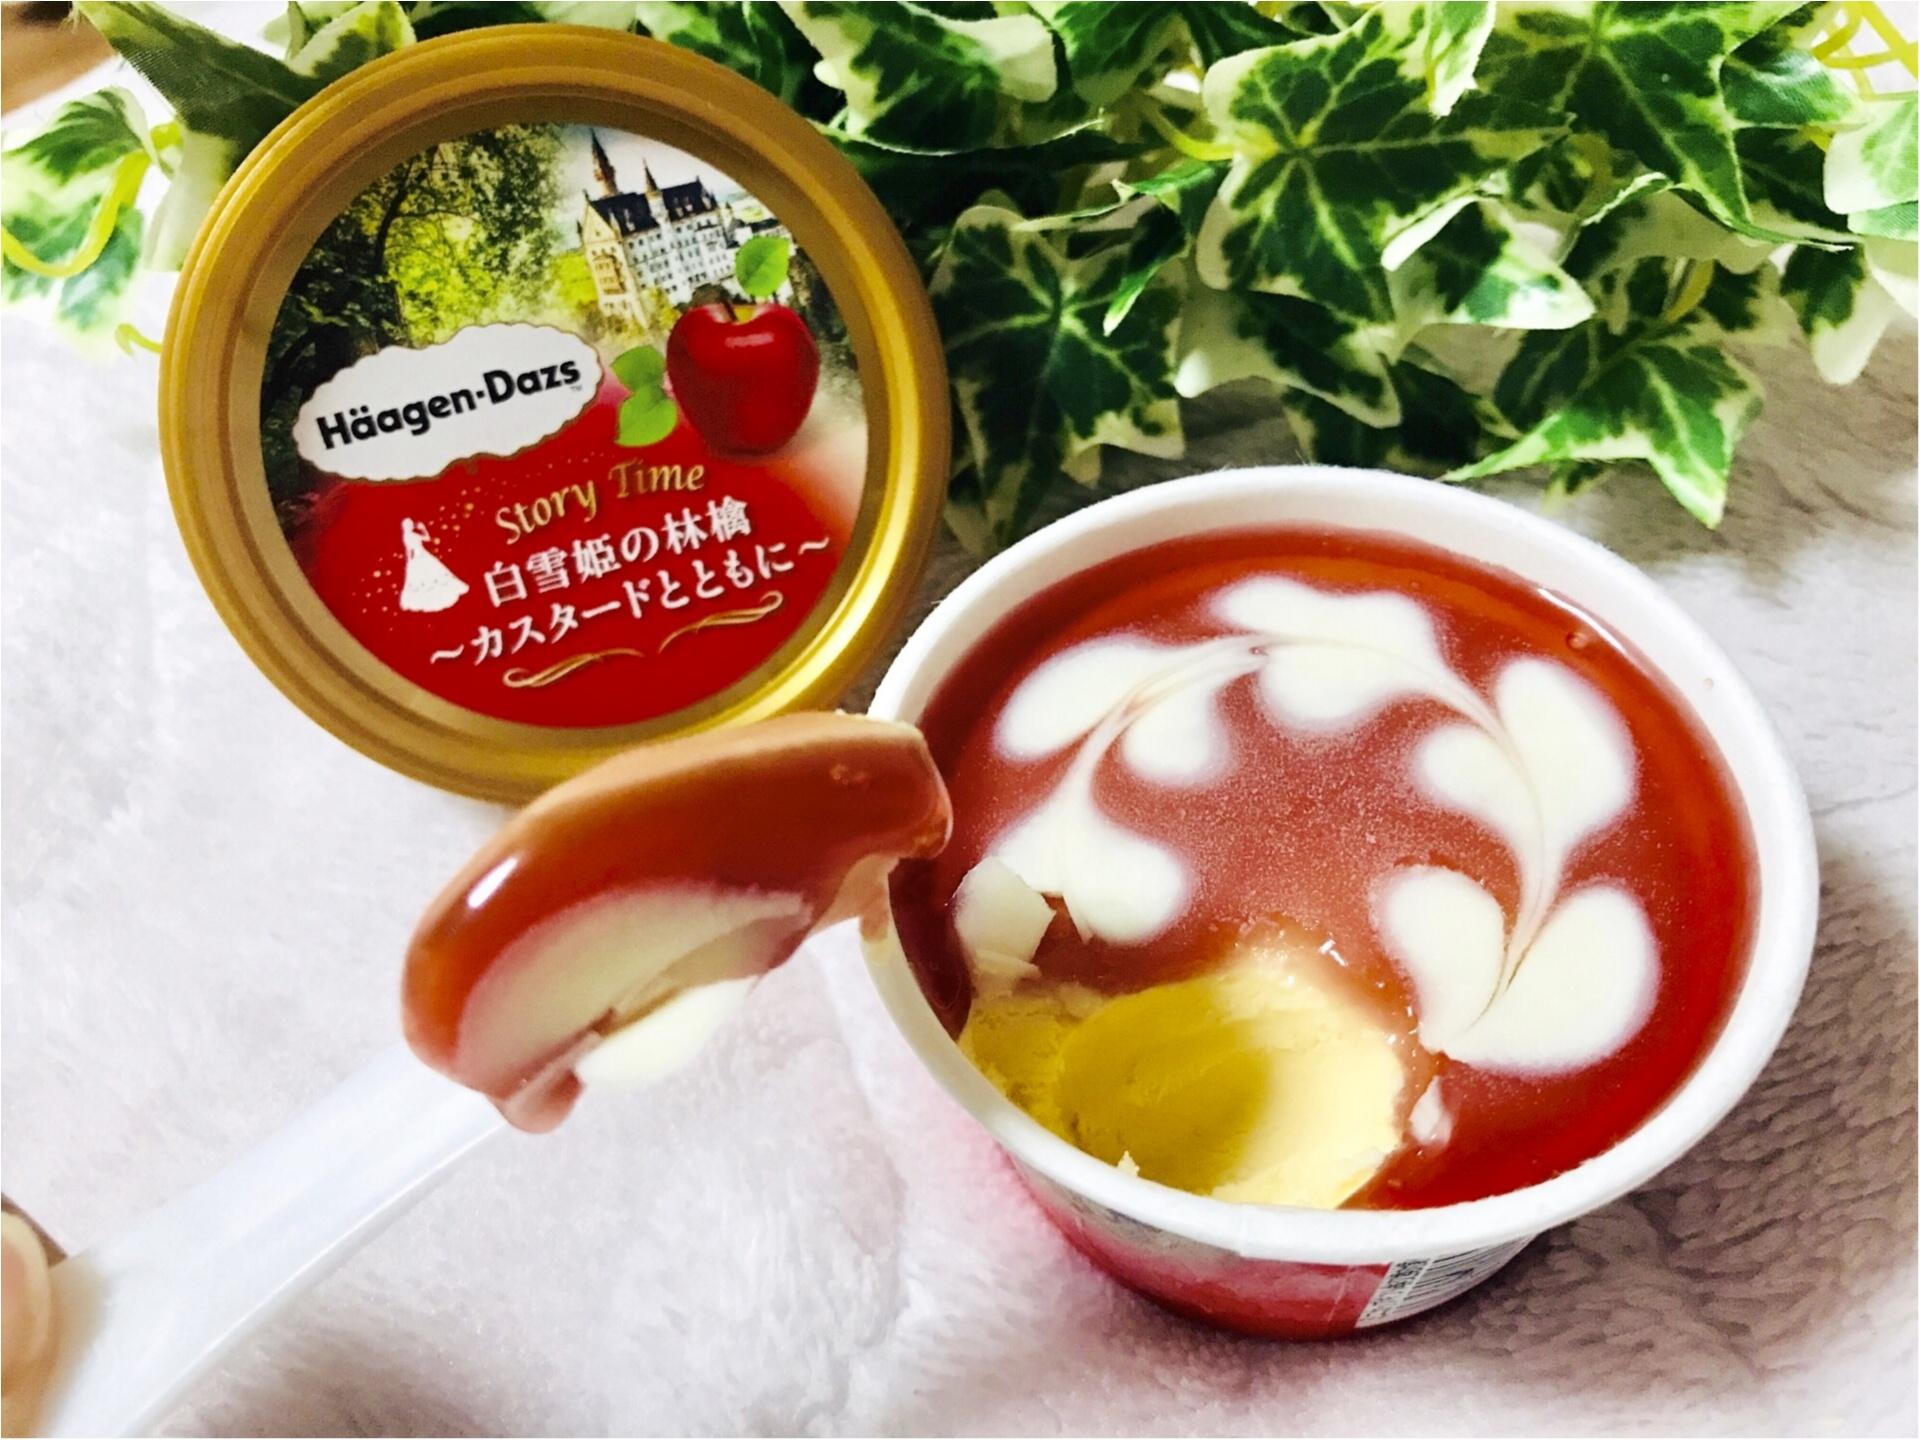 【ハーゲンダッツ】なにコレ可愛い!《童話》モチーフのアイス♡開けてびっくり!?_5